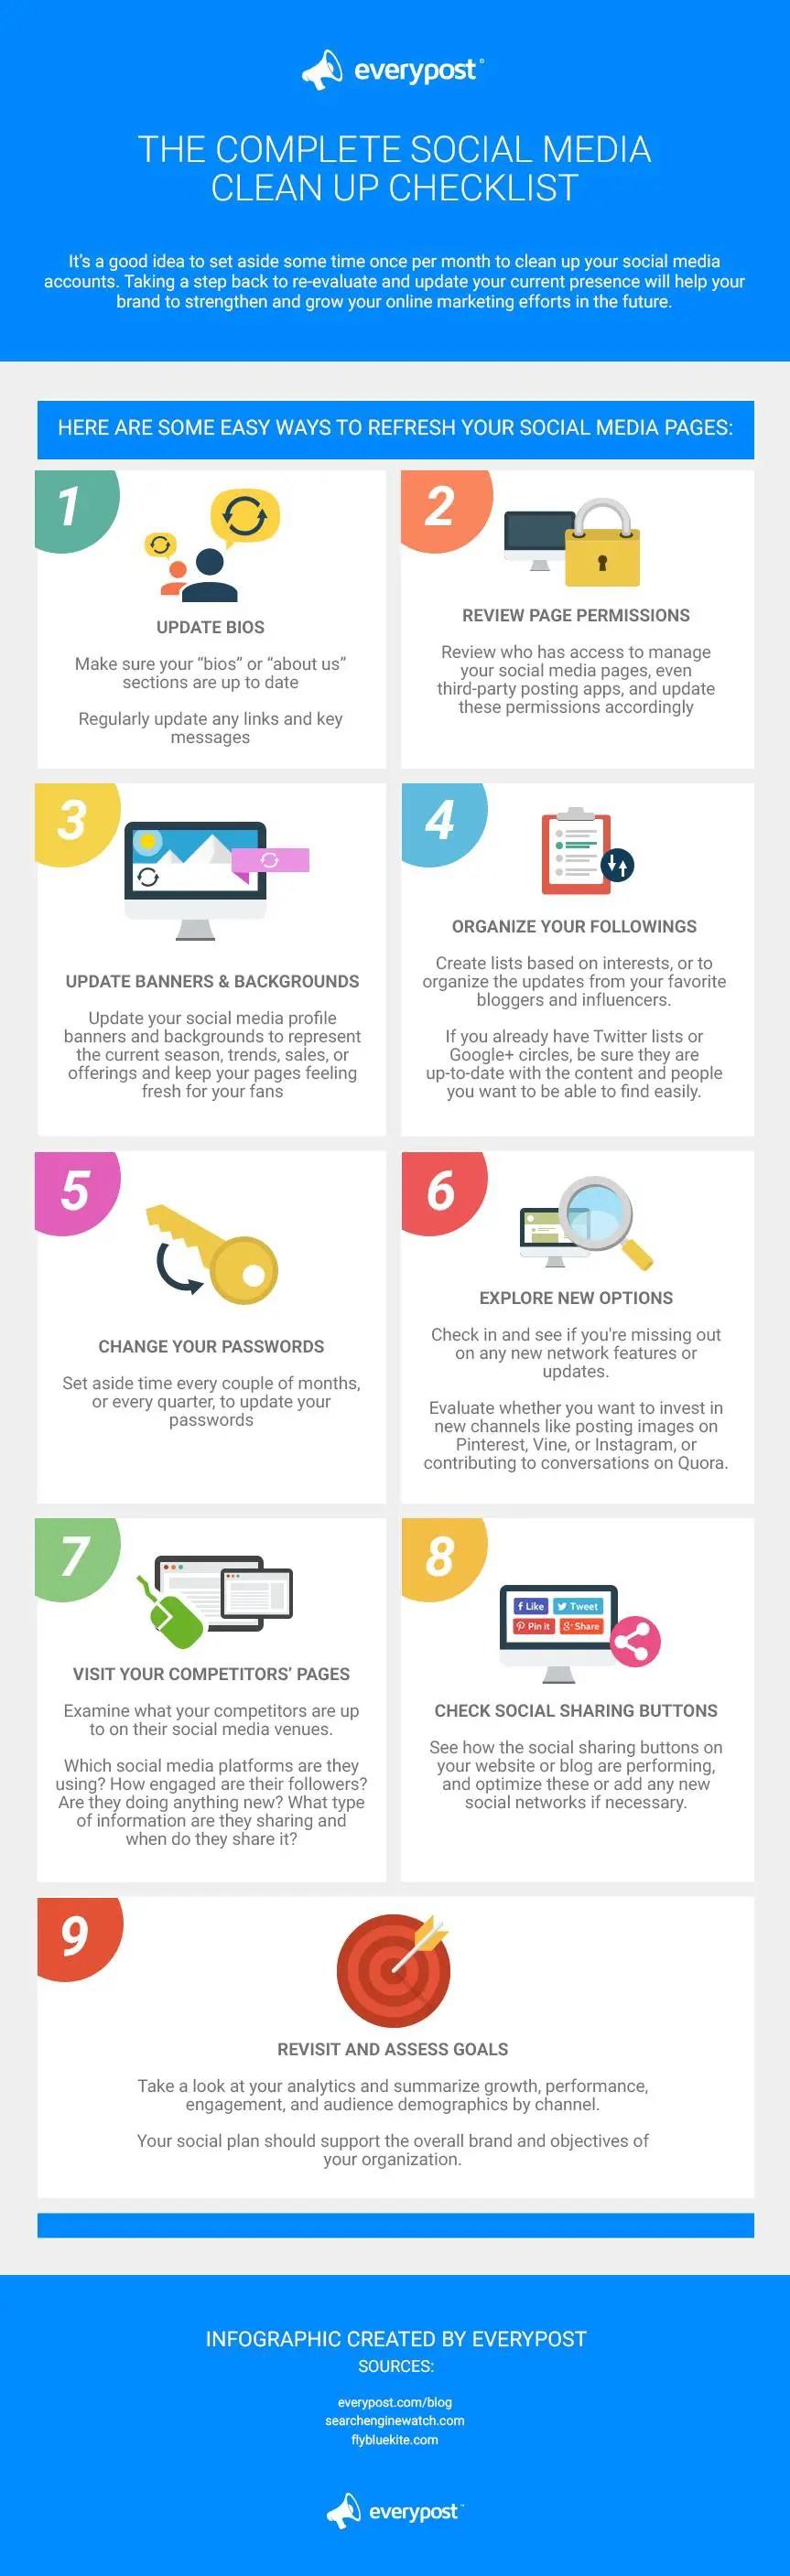 wersm- Social-media-marketing-and-PR_post